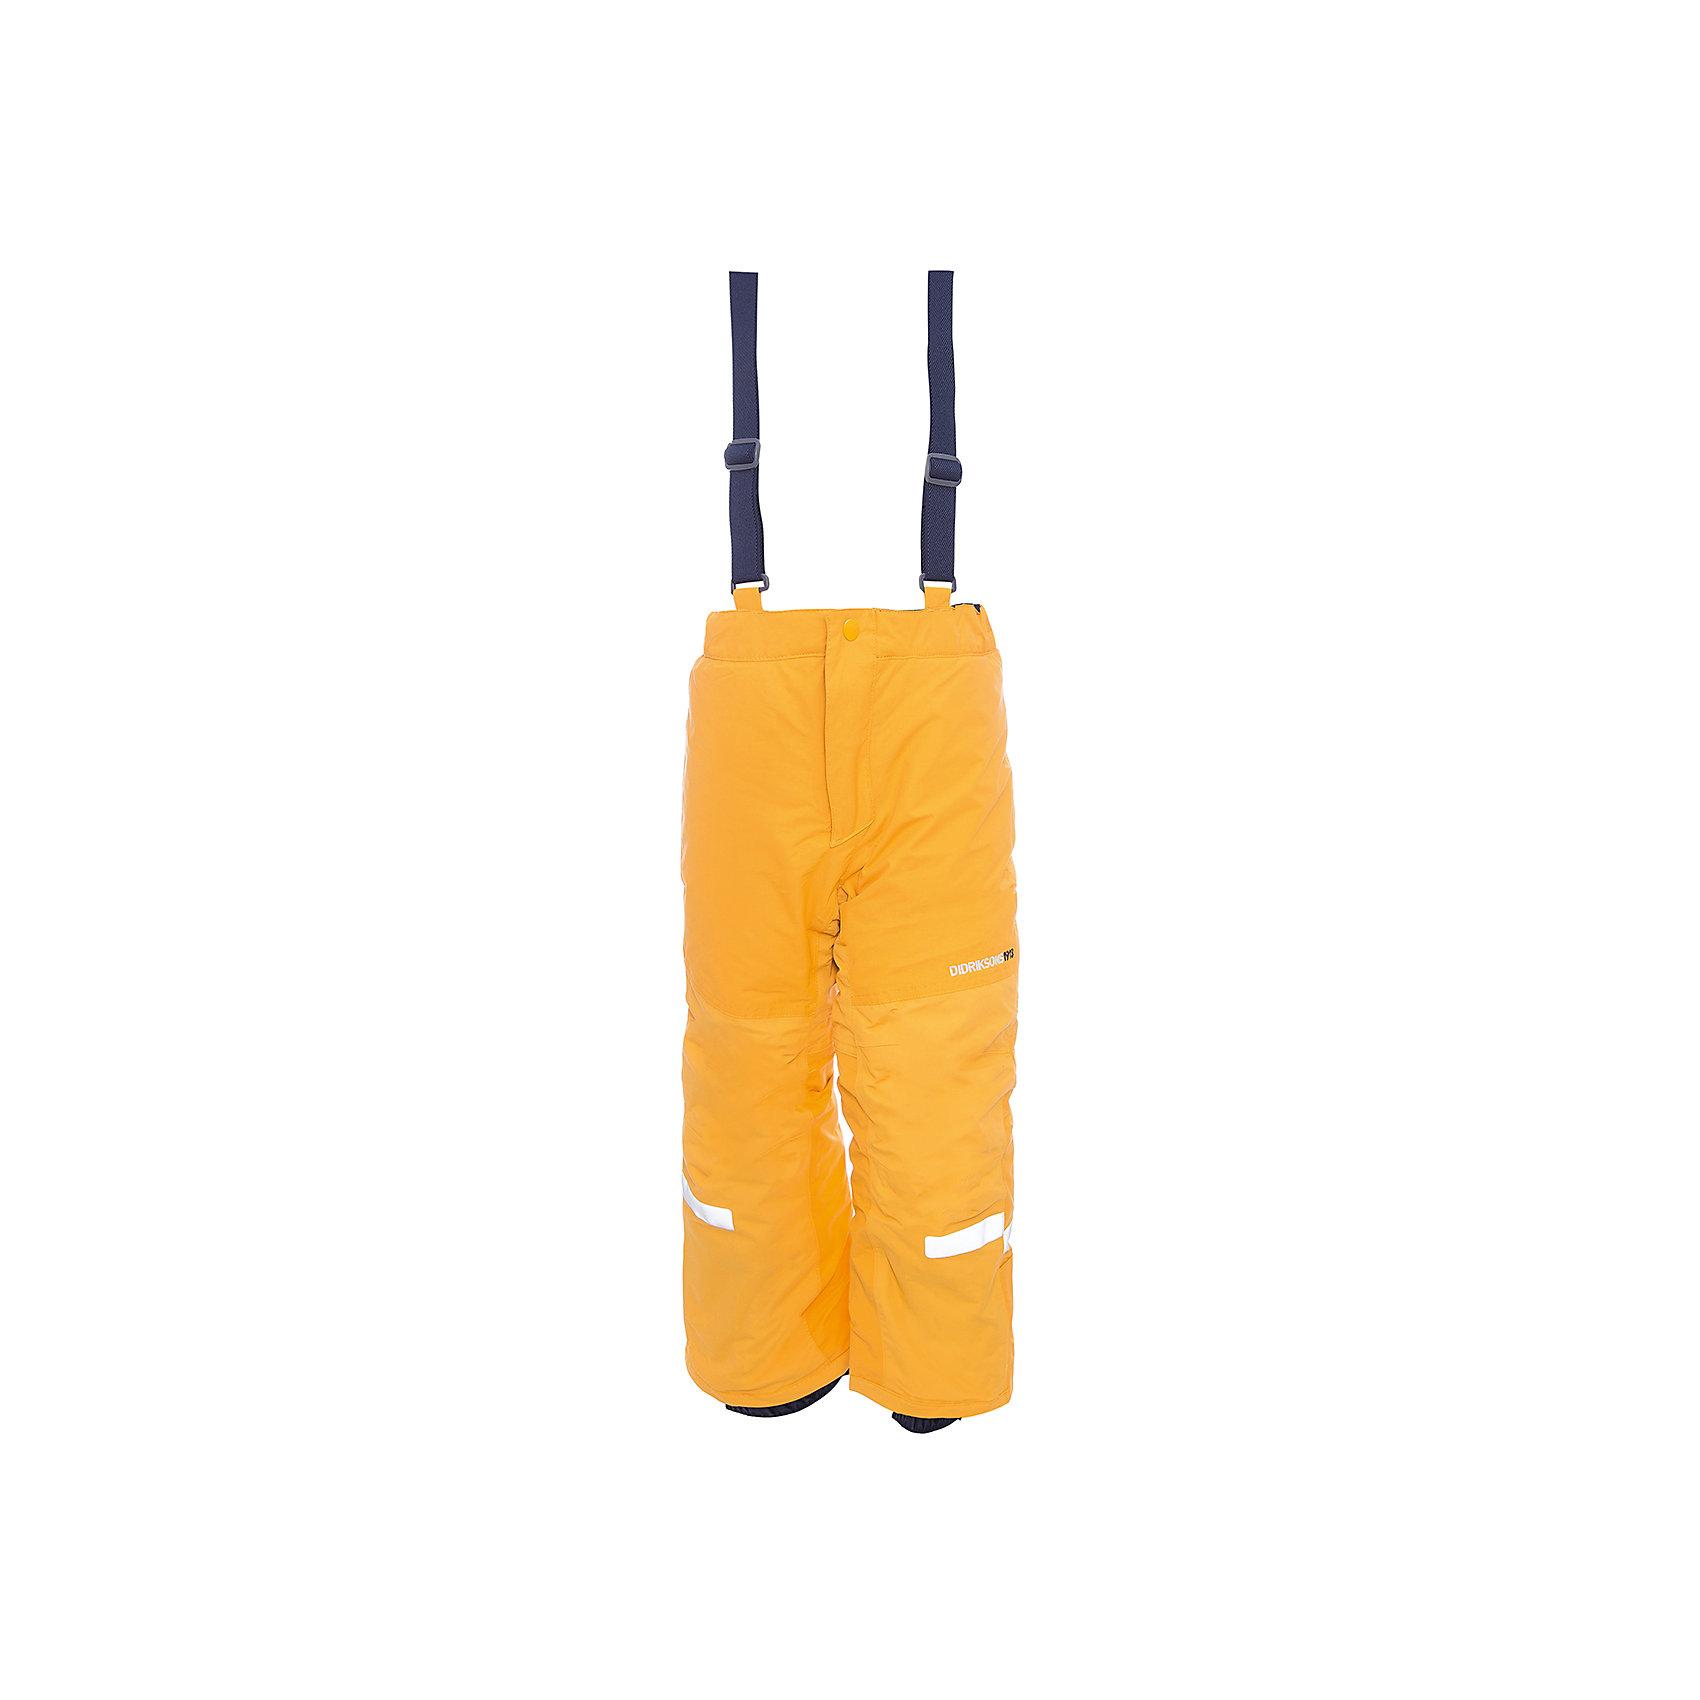 Брюки IDRE DIDRIKSONSВерхняя одежда<br>Характеристики товара:<br><br>• цвет: желтый<br>• состав ткани: 100% полиамид<br>• подкладка: 100% полиэстер<br>• утеплитель: 100% полиэстер<br>• сезон: зима<br>• мембранная<br>• температурный режим: от -20 до 0<br>• водонепроницаемость: 6000 мм <br>• паропроницаемость: 4000 г/м2<br>• плотность утеплителя: 140г/м2<br>• швы проклеены<br>• регулируемые подтяжки и низ штанин<br>• фиксированные лямки<br>• снежные гетры с силиконовой резинкой<br>• штрипки<br>• застежка: молния<br>• светоотражающие детали<br>• конструкция позволяет увеличить длину штанин на один размер<br>• страна бренда: Швеция<br>• страна изготовитель: Китай<br><br>Яркие зимние брюки для ребенка создают комфортные условия для тела. Непромокаемый и непродуваемый материал детских брюк легко чистится. Модные брюки для ребенка Didriksons рассчитаны на морозную погоду. Детские брюки от известного шведского бренда теплые и легкие. <br><br>Брюки для мальчика Idre Didriksons (Дидриксонс) можно купить в нашем интернет-магазине.<br><br>Ширина мм: 215<br>Глубина мм: 88<br>Высота мм: 191<br>Вес г: 336<br>Цвет: оранжевый<br>Возраст от месяцев: 108<br>Возраст до месяцев: 120<br>Пол: Унисекс<br>Возраст: Детский<br>Размер: 140,80,90,100,120,130,110<br>SKU: 7045236